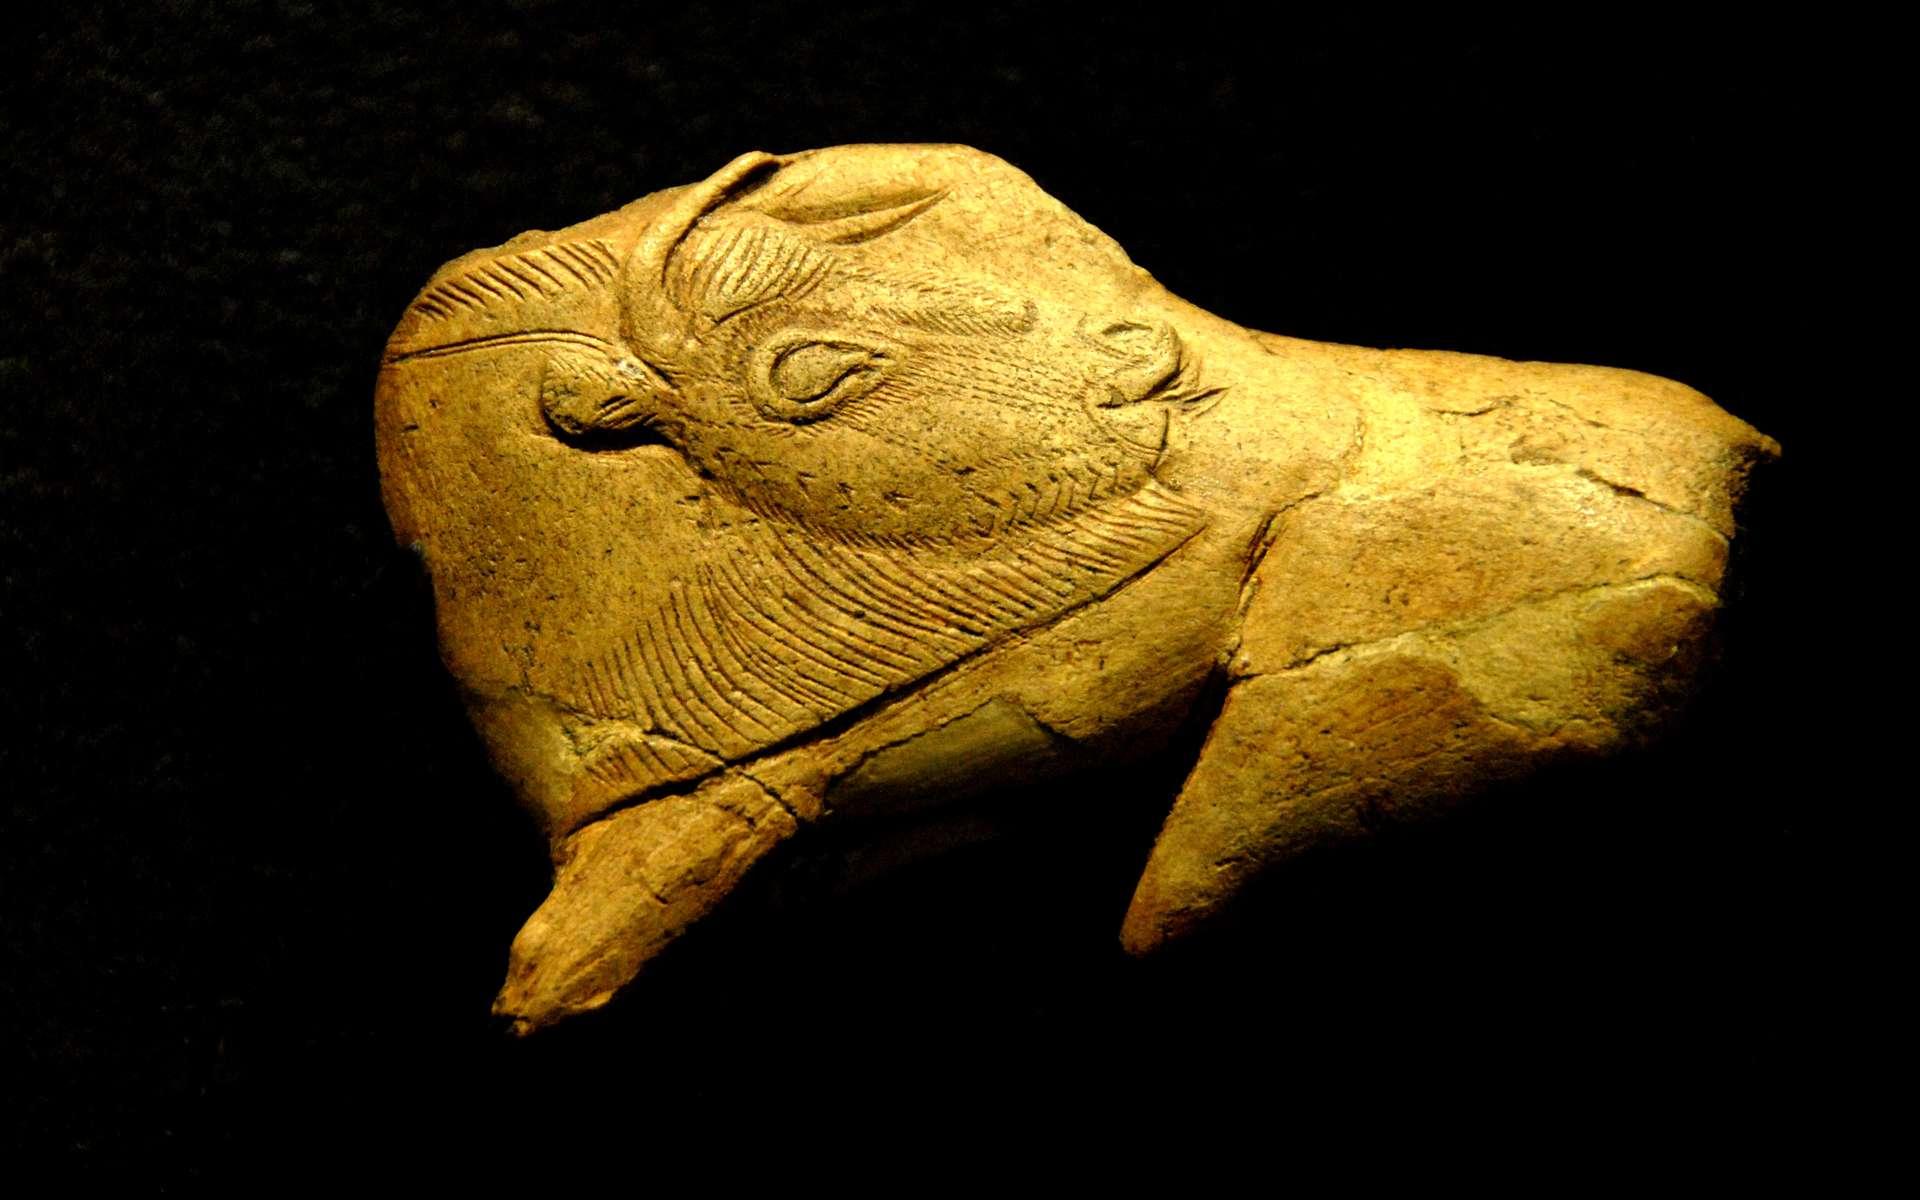 Découvrez l'art préhistorique en six images exceptionnelles. Ici, une représentation de bison avec la tête se retournant sur le corps pour se lécher le flanc. Cet objet en bois de renne est peut-être un fragment de propulseur (instrument de chasse muni d'un crochet, permettant d'allonger le bras pour projeter les javelots). Il a été trouvé dans l'abri de la Madeleine, en Dordogne. Il daterait de 13.000 av. J.-C. © Jochen Jahnke, Wikipédia, GFDL